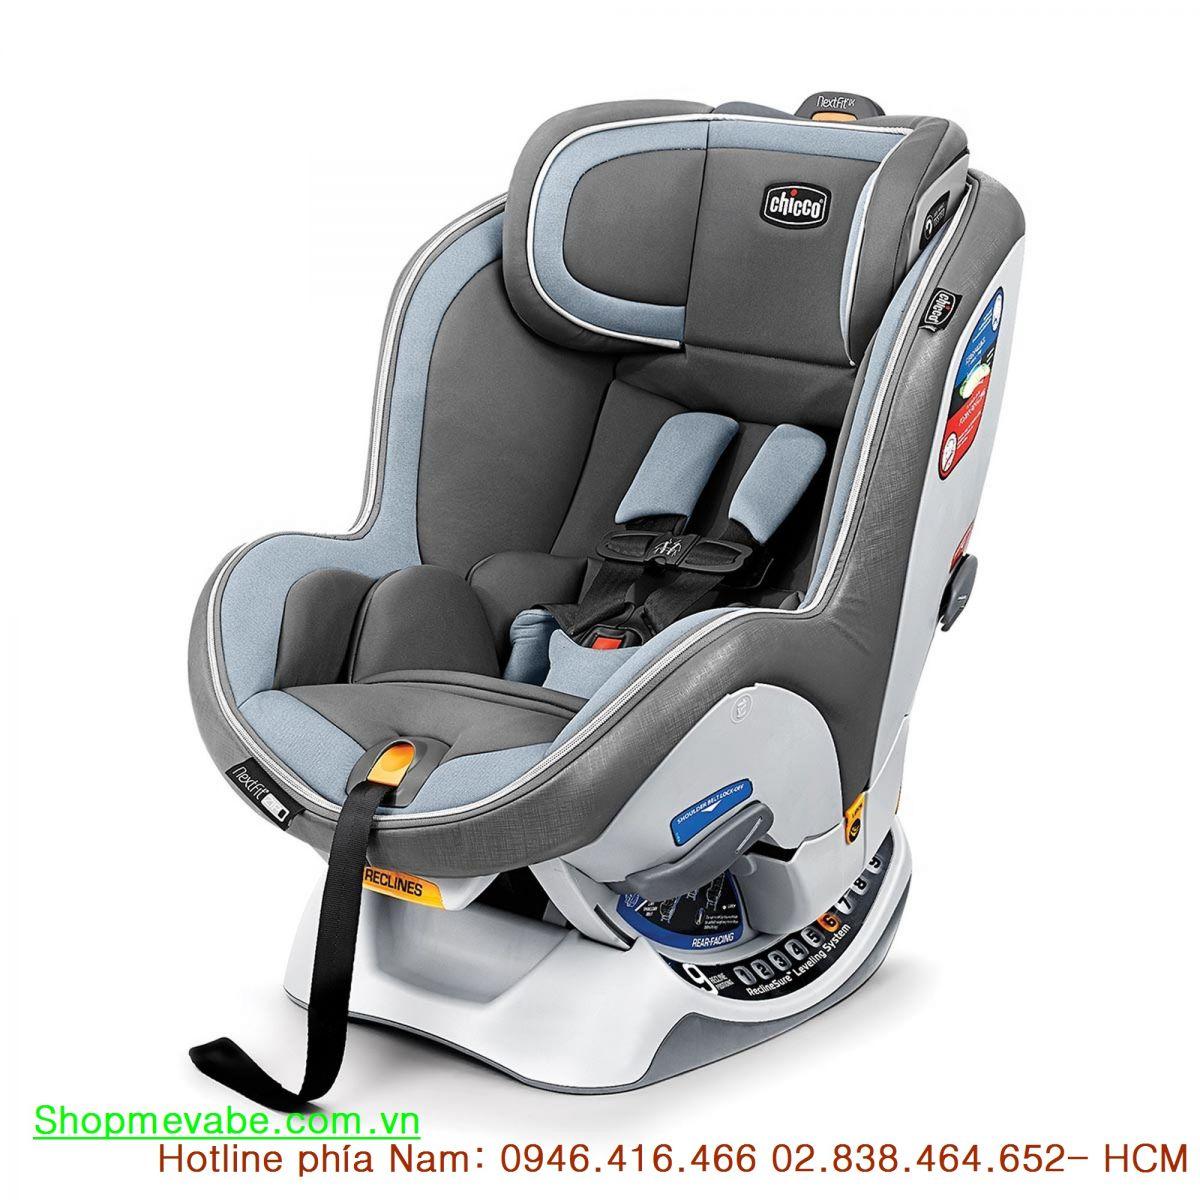 Ghế ngồi ô tô từ sơ sinh Chicco NextFit iX Zip xanh ghi